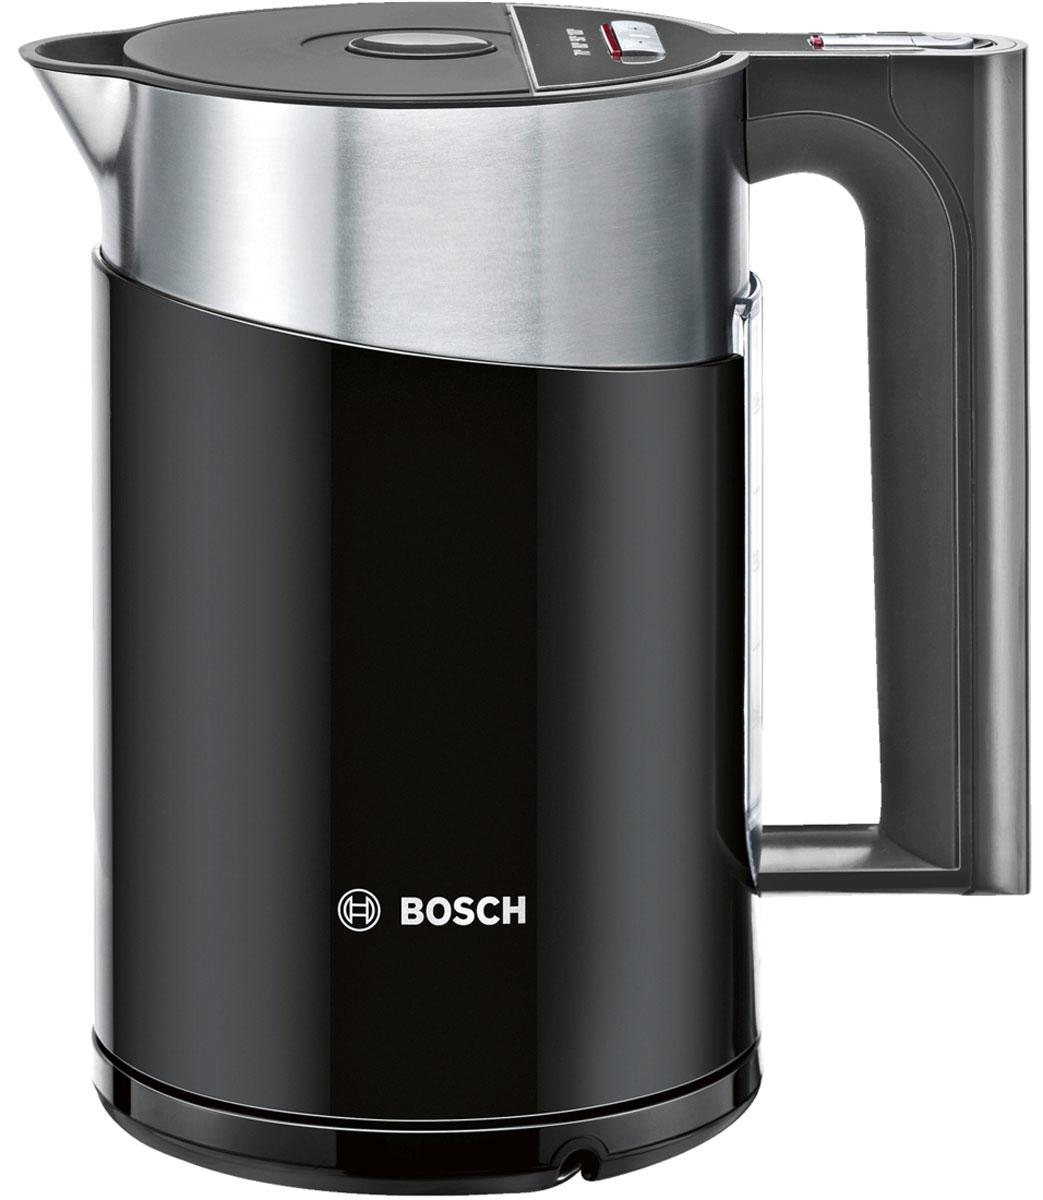 Bosch TWK 861P3RU электрочайникTWK 861P3RUЭлектрочайник Bosch TWK 861P3RU для любителей чая и ценителей эстетики. Регулировка температуры TemperatureControl позволяет выбрать оптимальную температуры нагрева воды 70°C, 80°C, 90°C или 100 °С. Функция поддержания температуры воды KeepWarm Function поддерживает заданную температуру в течение 30 минут. Легкий в управлении: крышка открывается нажатием кнопки.